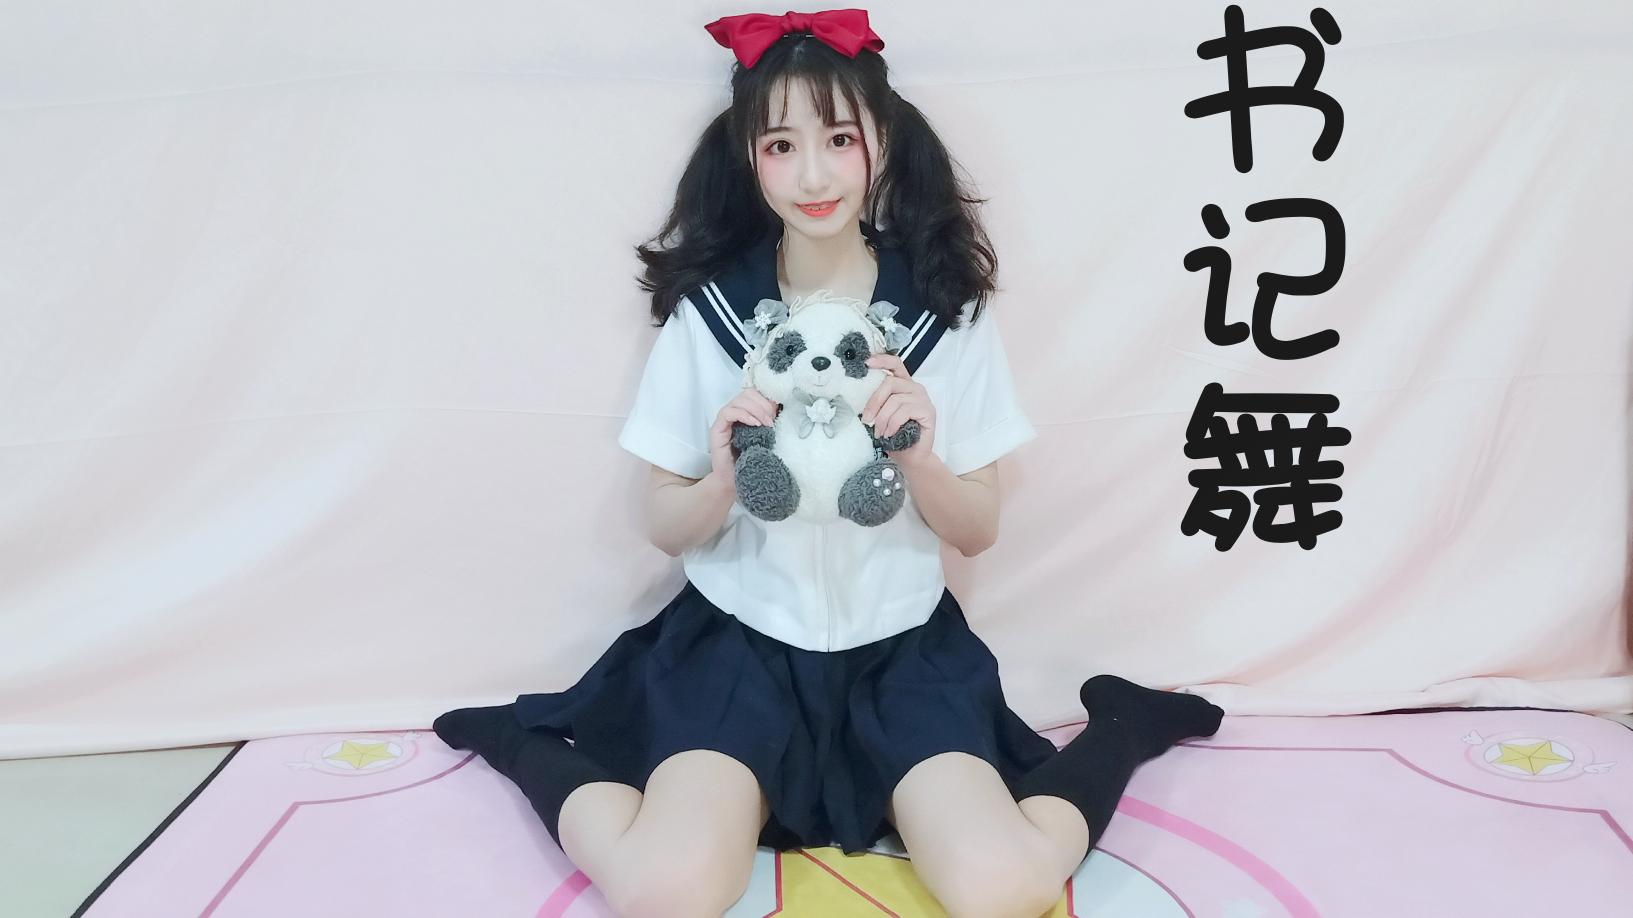 【铃舟】魔性书记舞 双马尾小姐姐在家跳舞系列